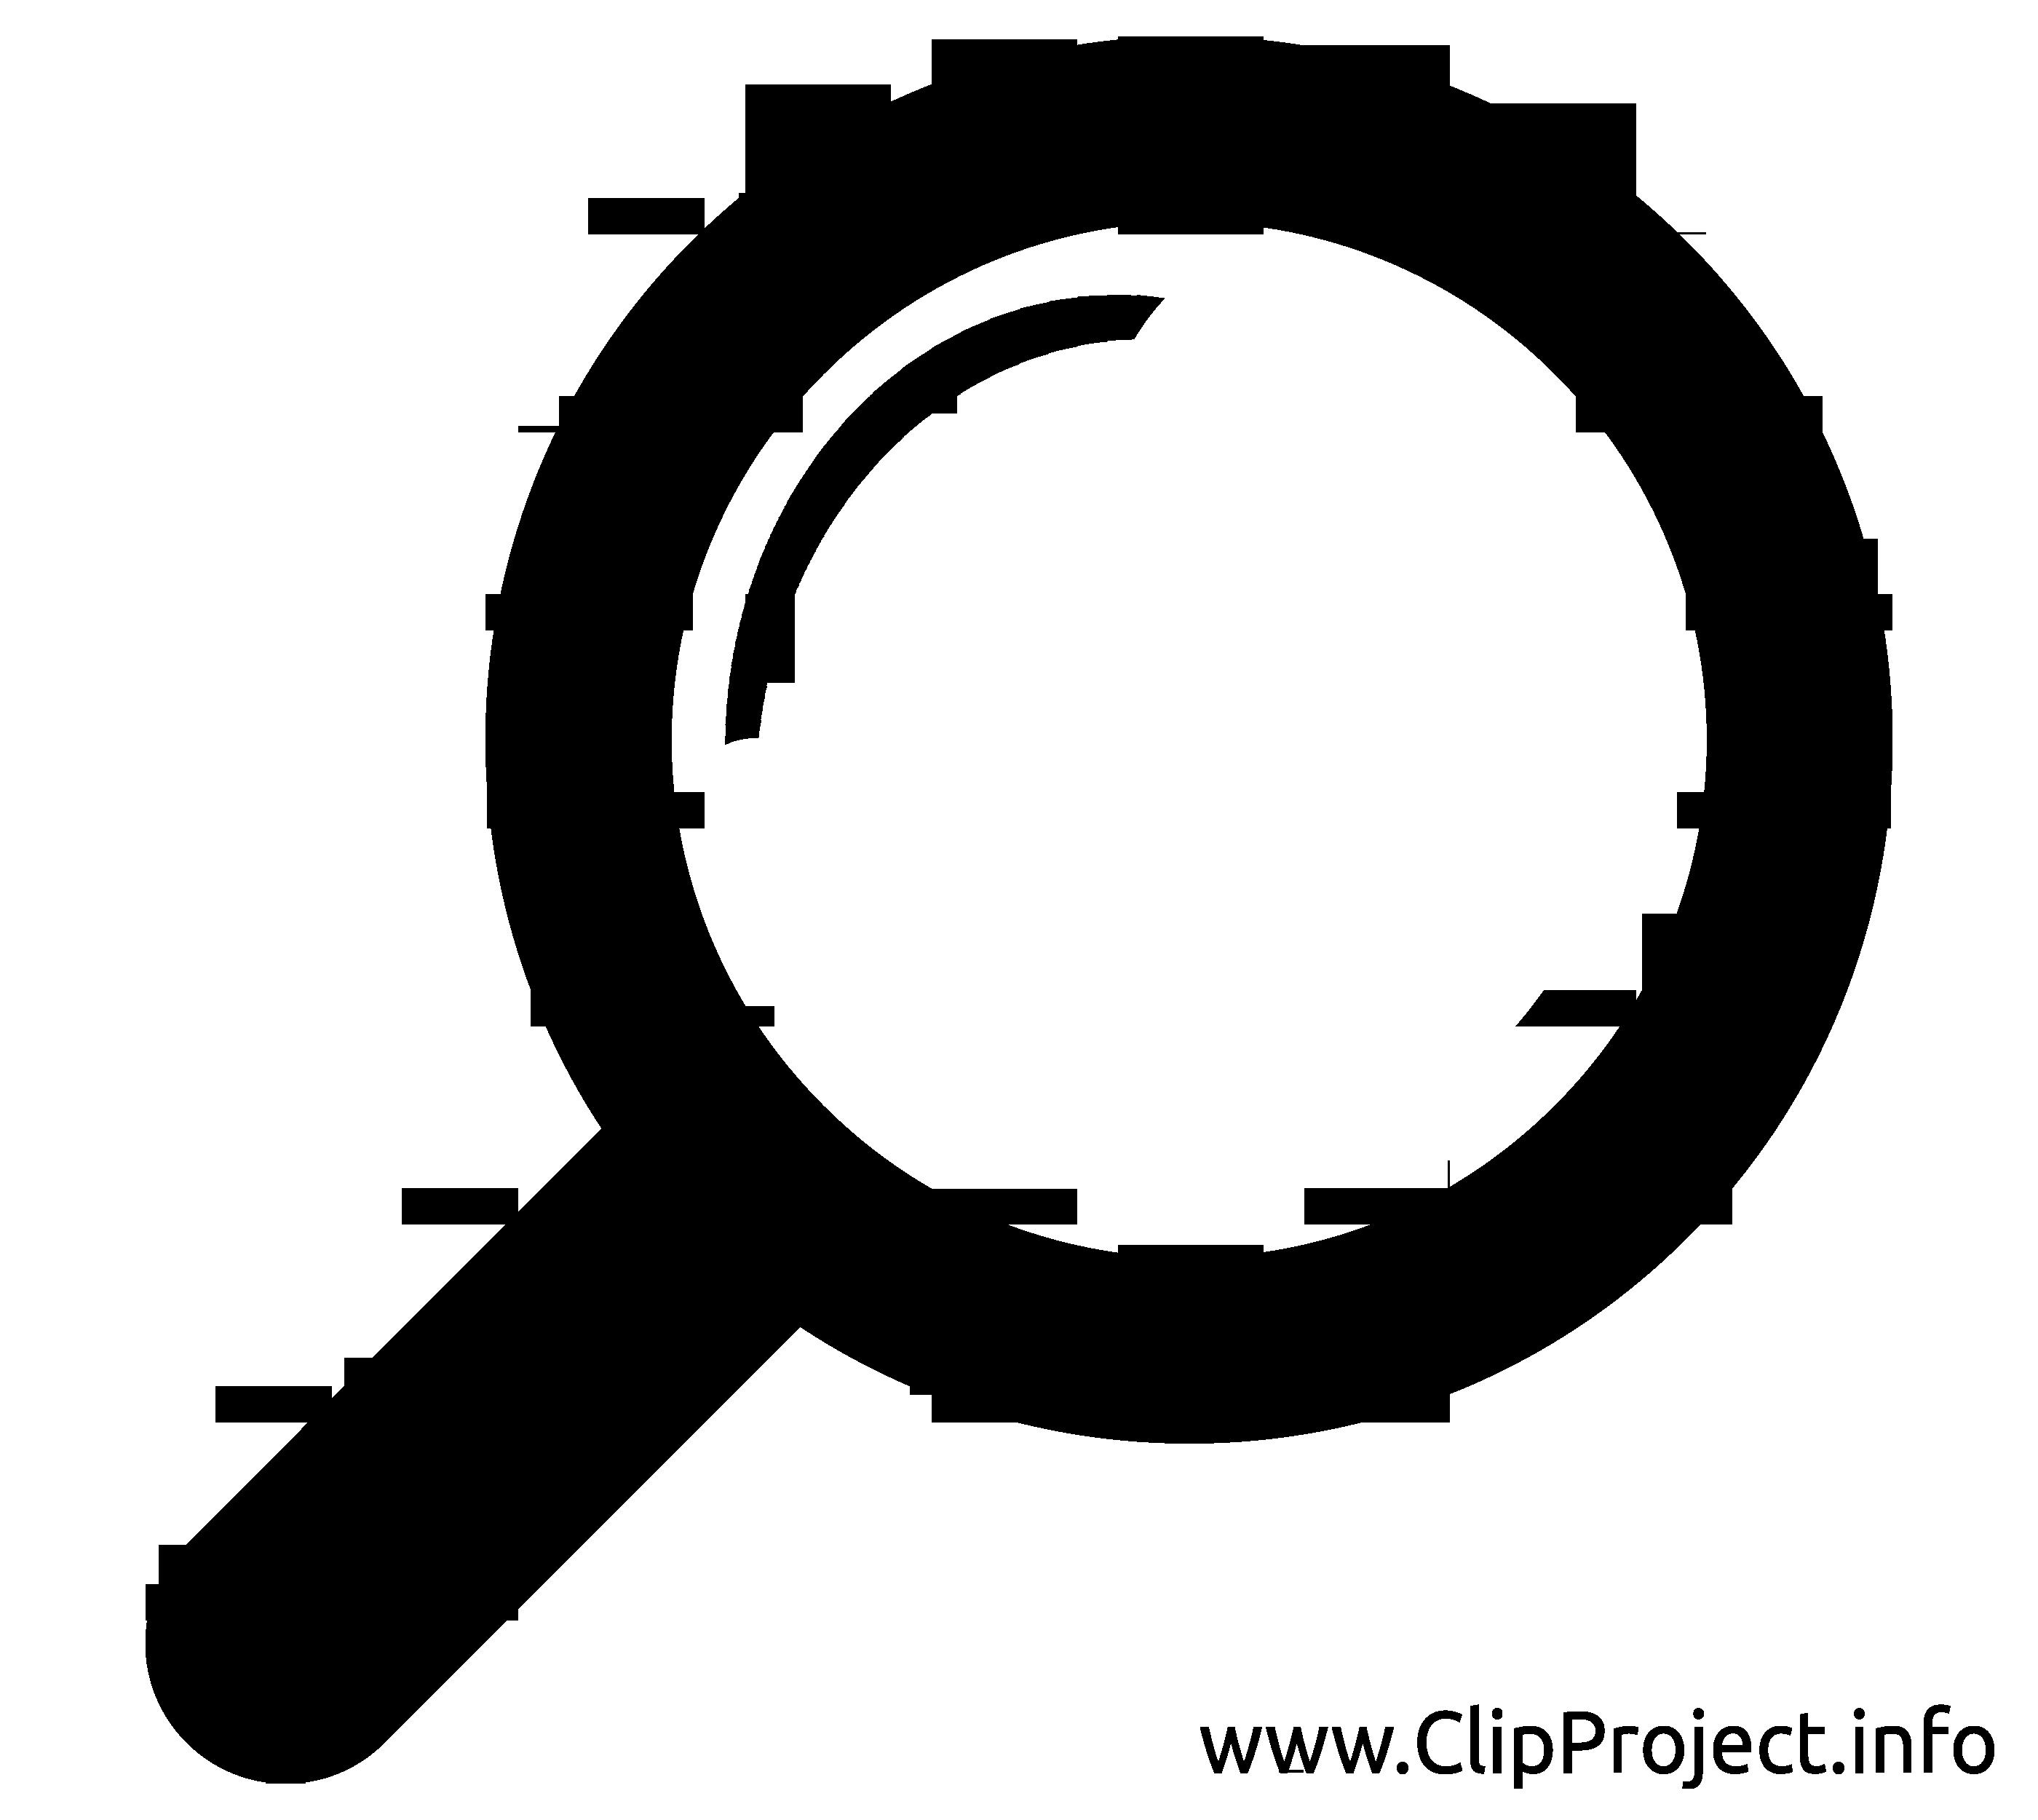 Loupe image gratuite - Noir et blanc cliparts